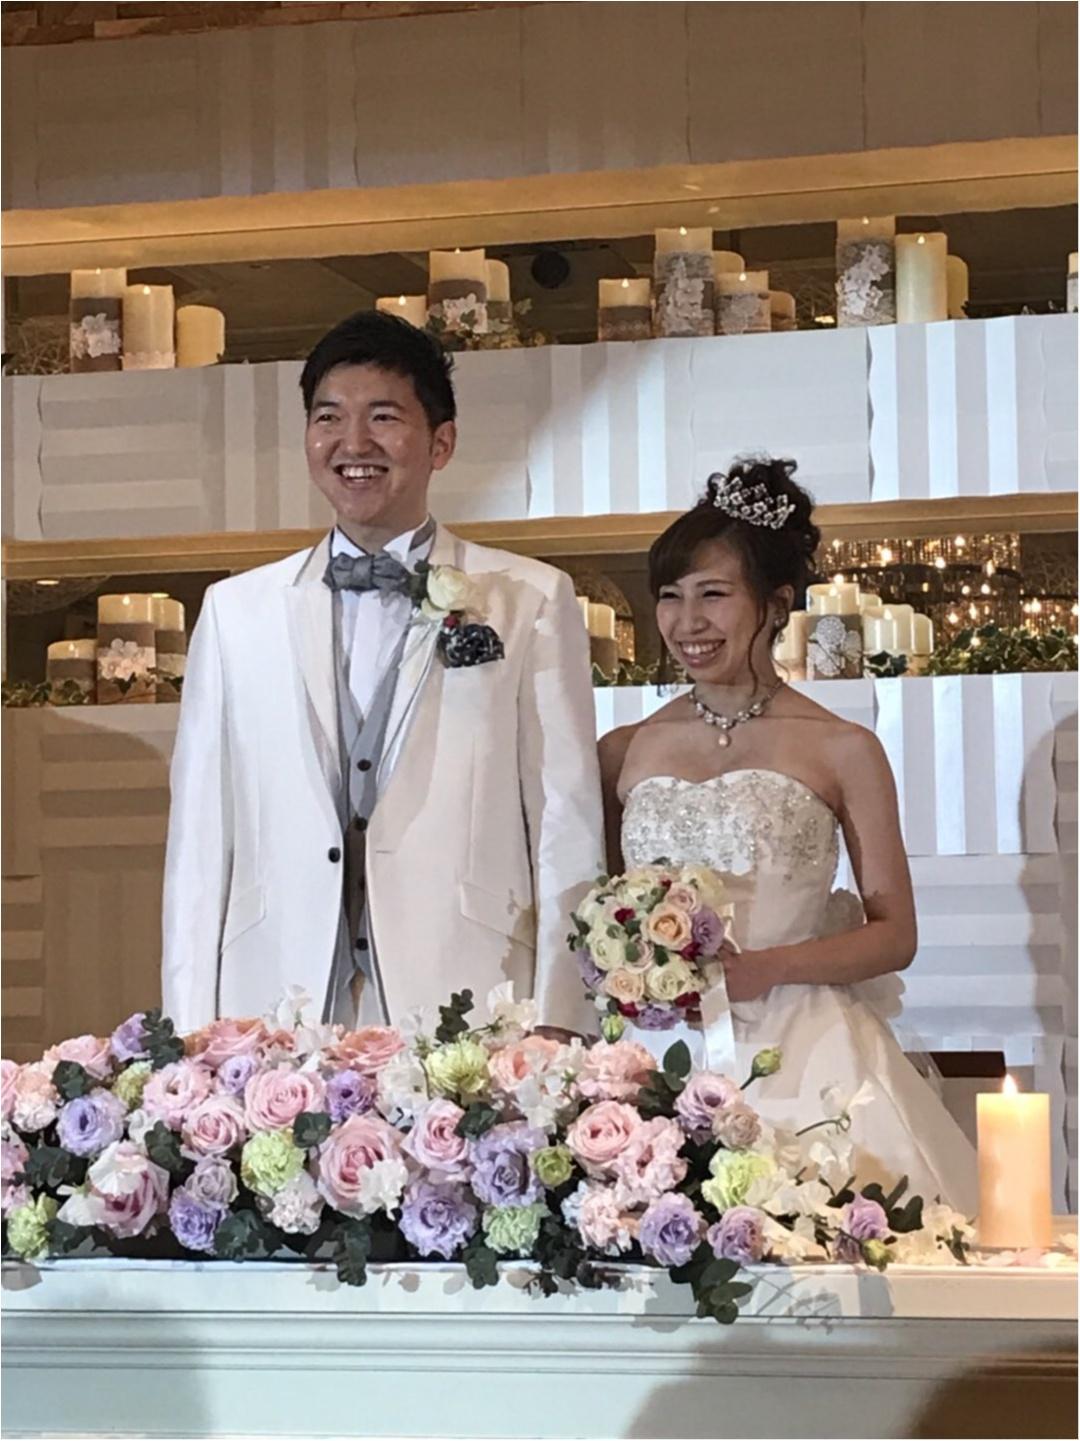 《Happy wedding》around25お呼ばれコーデは華やかにカラードレスにハーフアップで♡式に華を添えましょう!_18